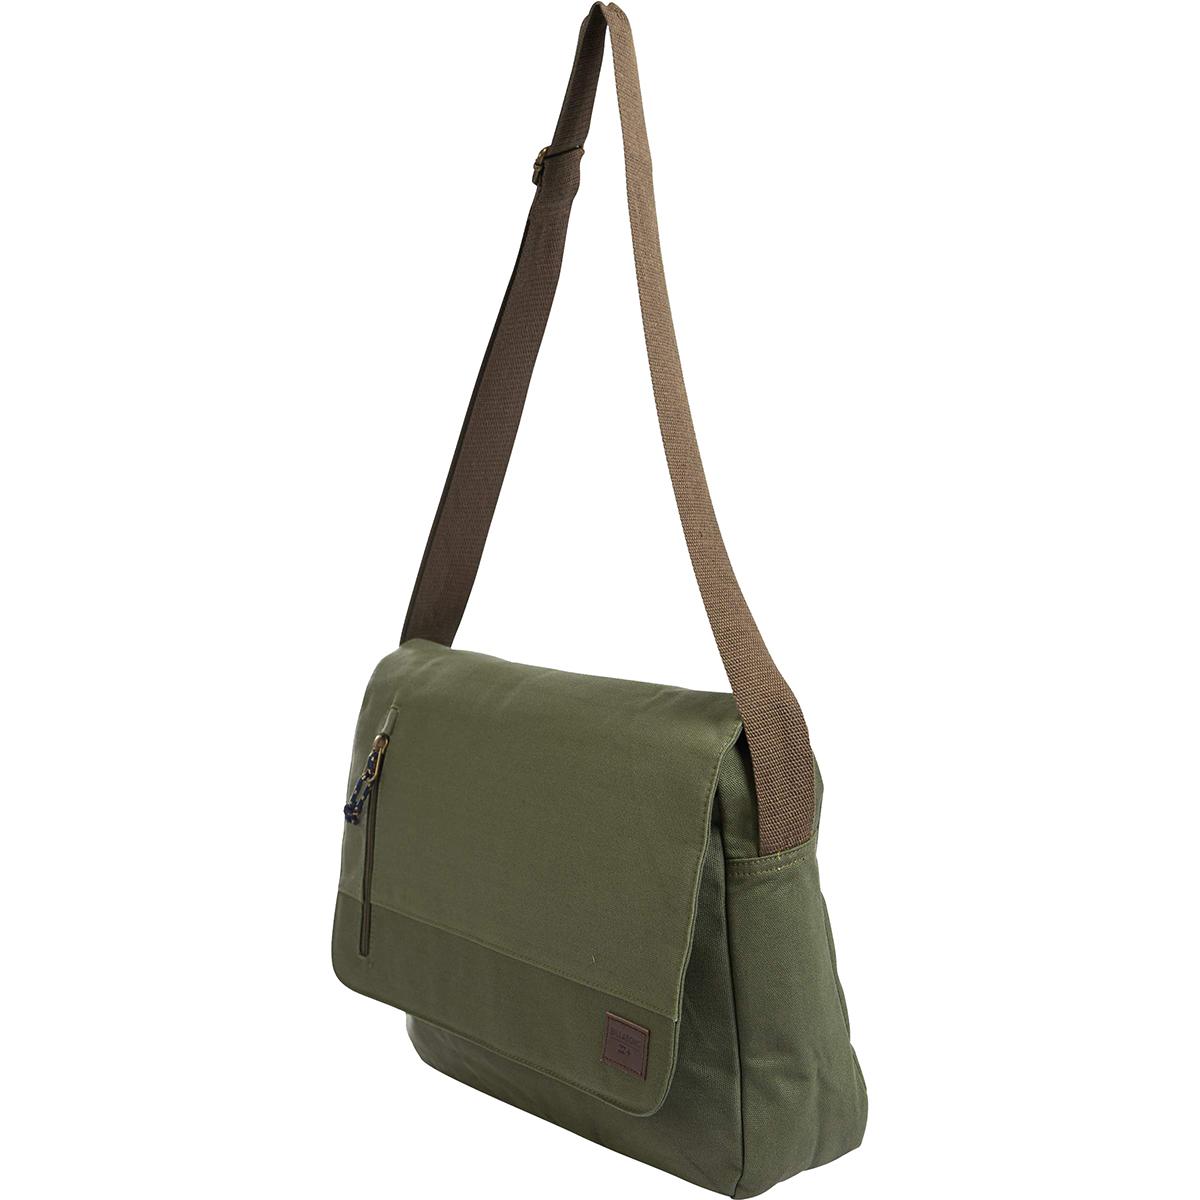 Сумка Billabong Chief Satchel, цвет: оливковый, 1,5 л. Z5SA03Z5SA03Классическая сумка через плечо, сделанная из прочного износостойкого хлопка. Одна из нескольких сумок из линейки Surfplus